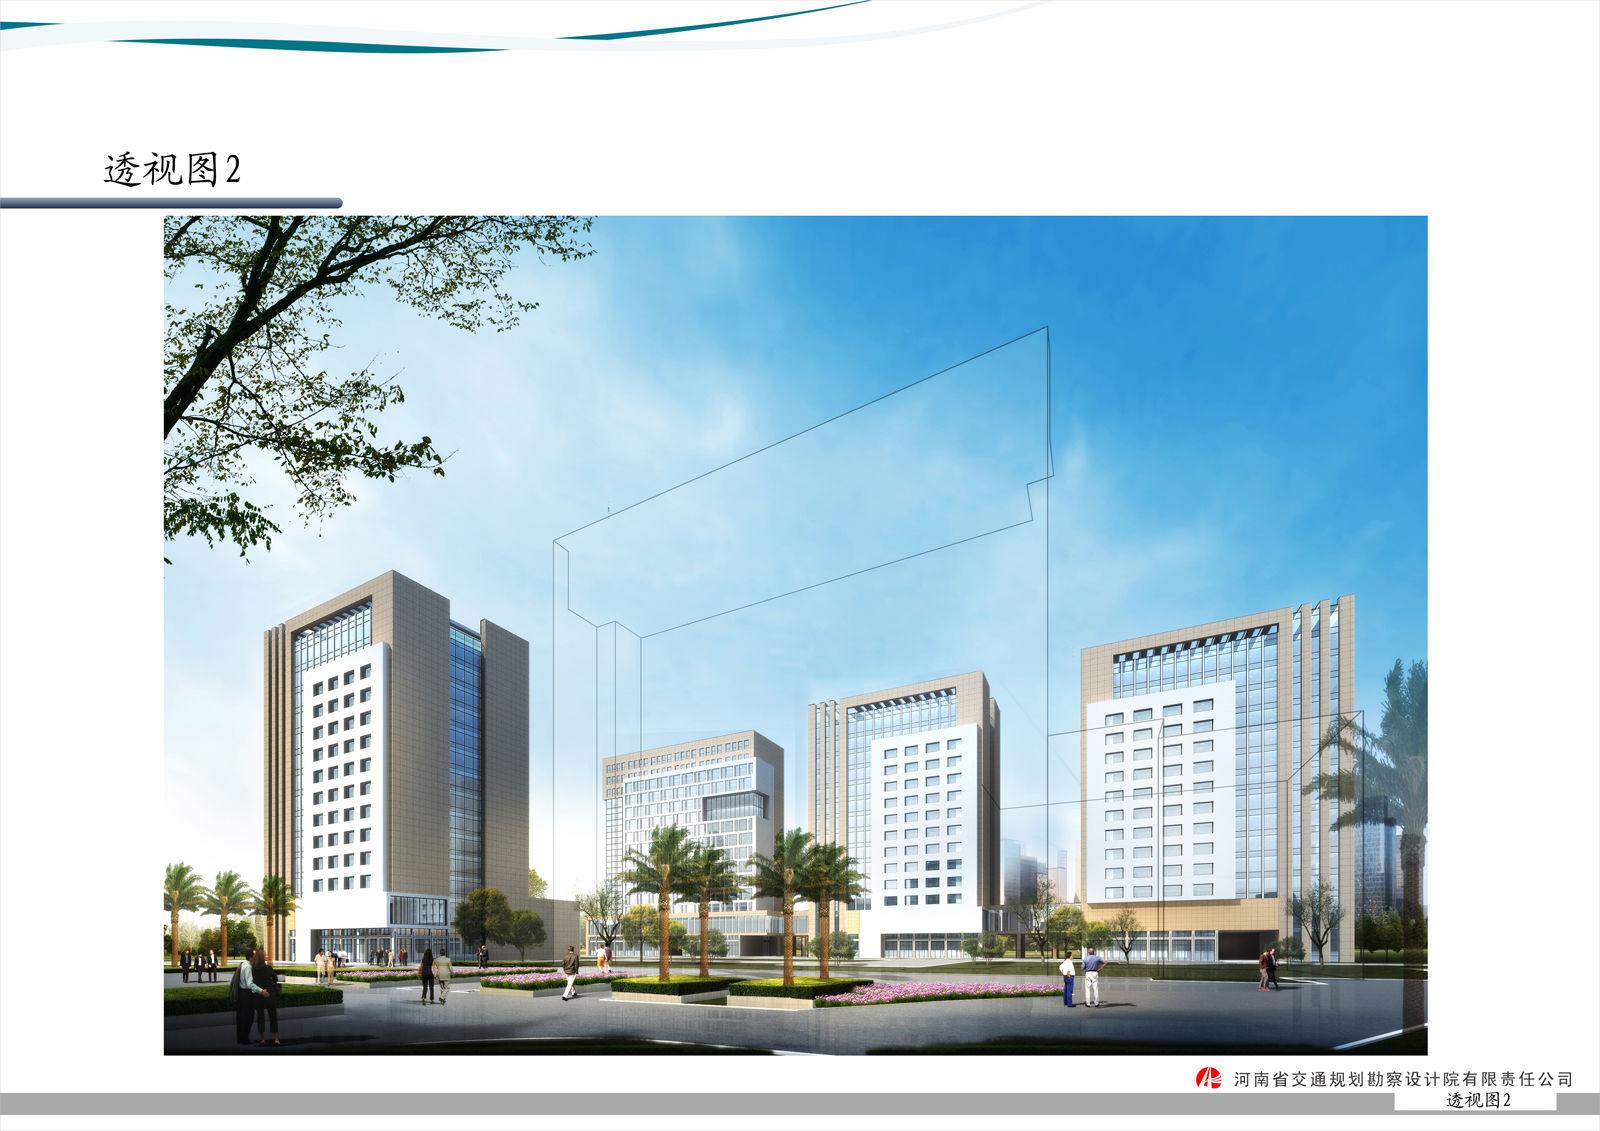 Zhongtian Technology